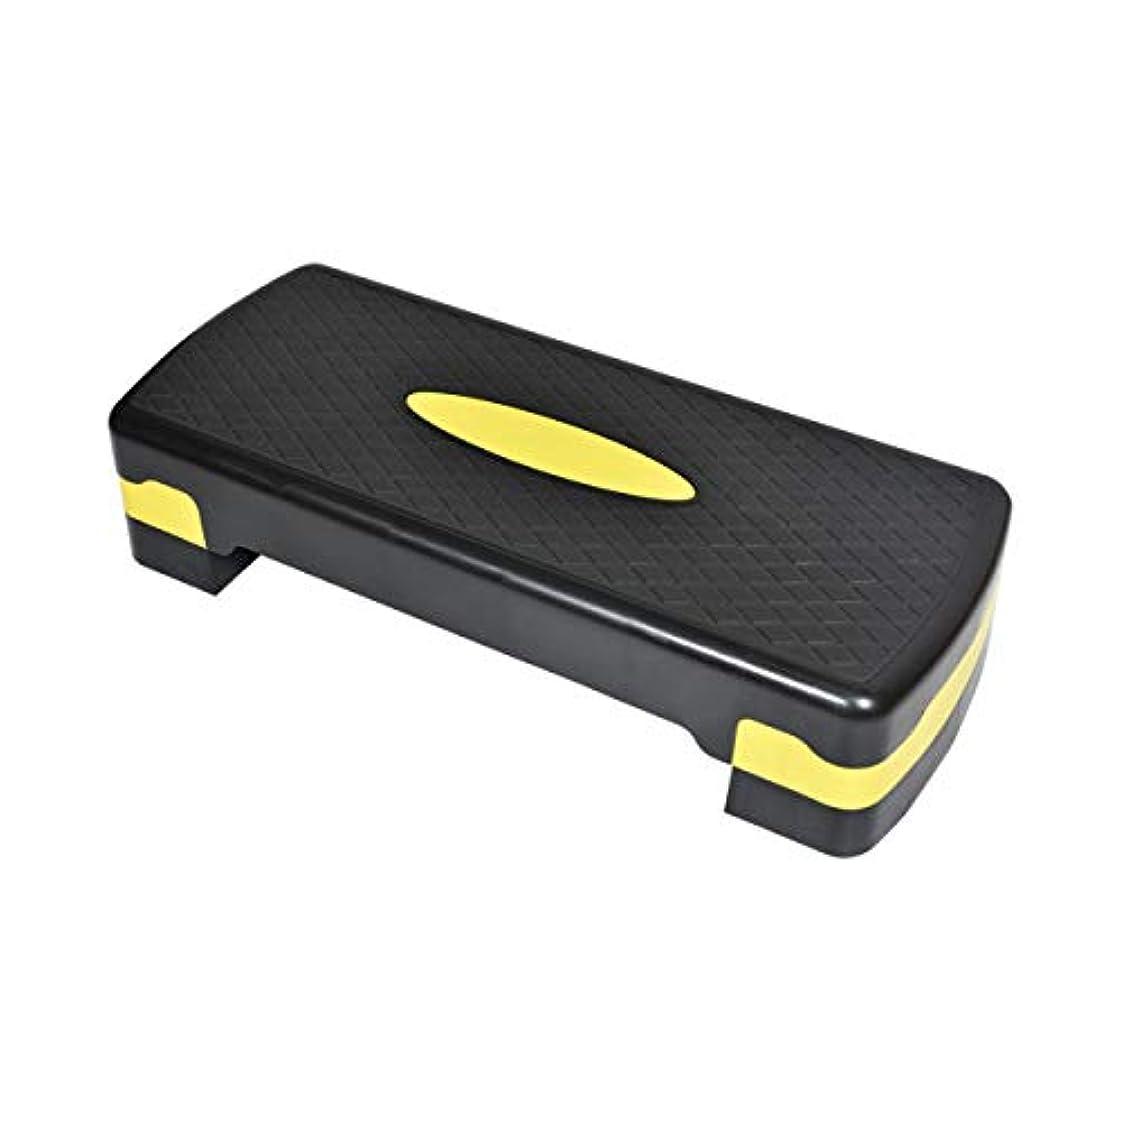 防止同一性軽減ステップ台 踏み台昇降運動 エクササイズ 2段階調整 滑り止め加工